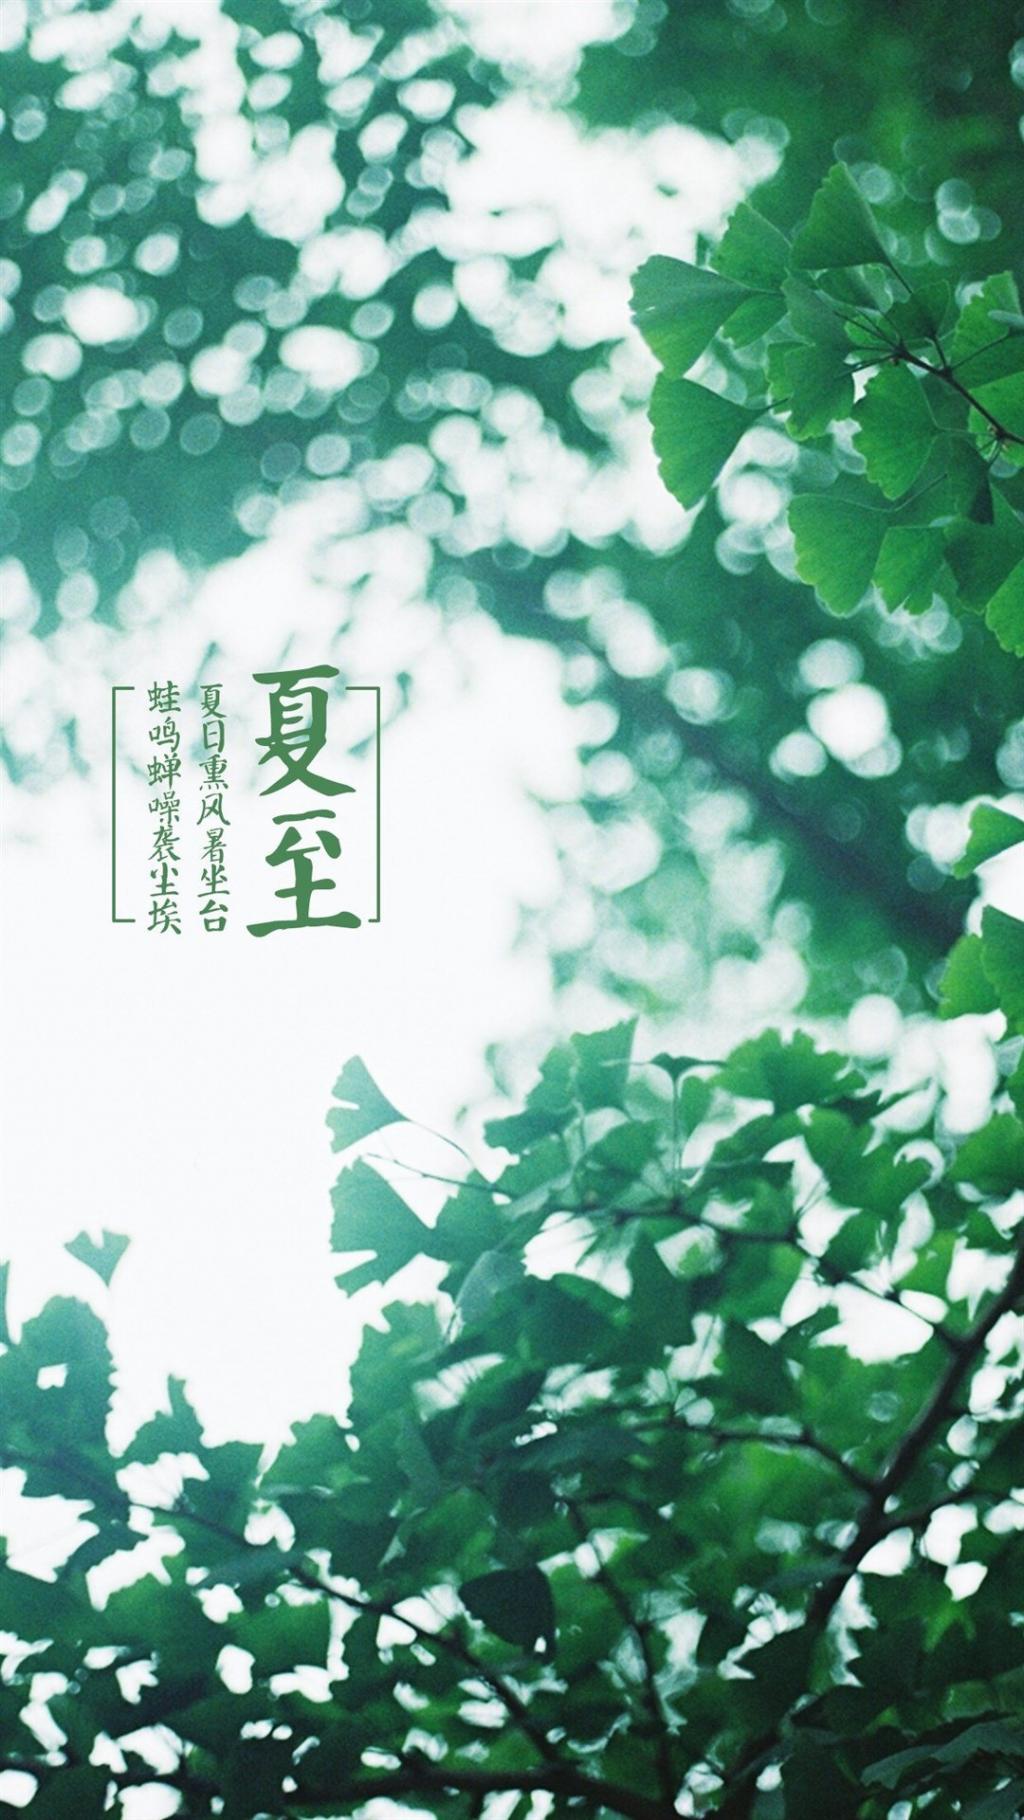 夏至节气绿色植物